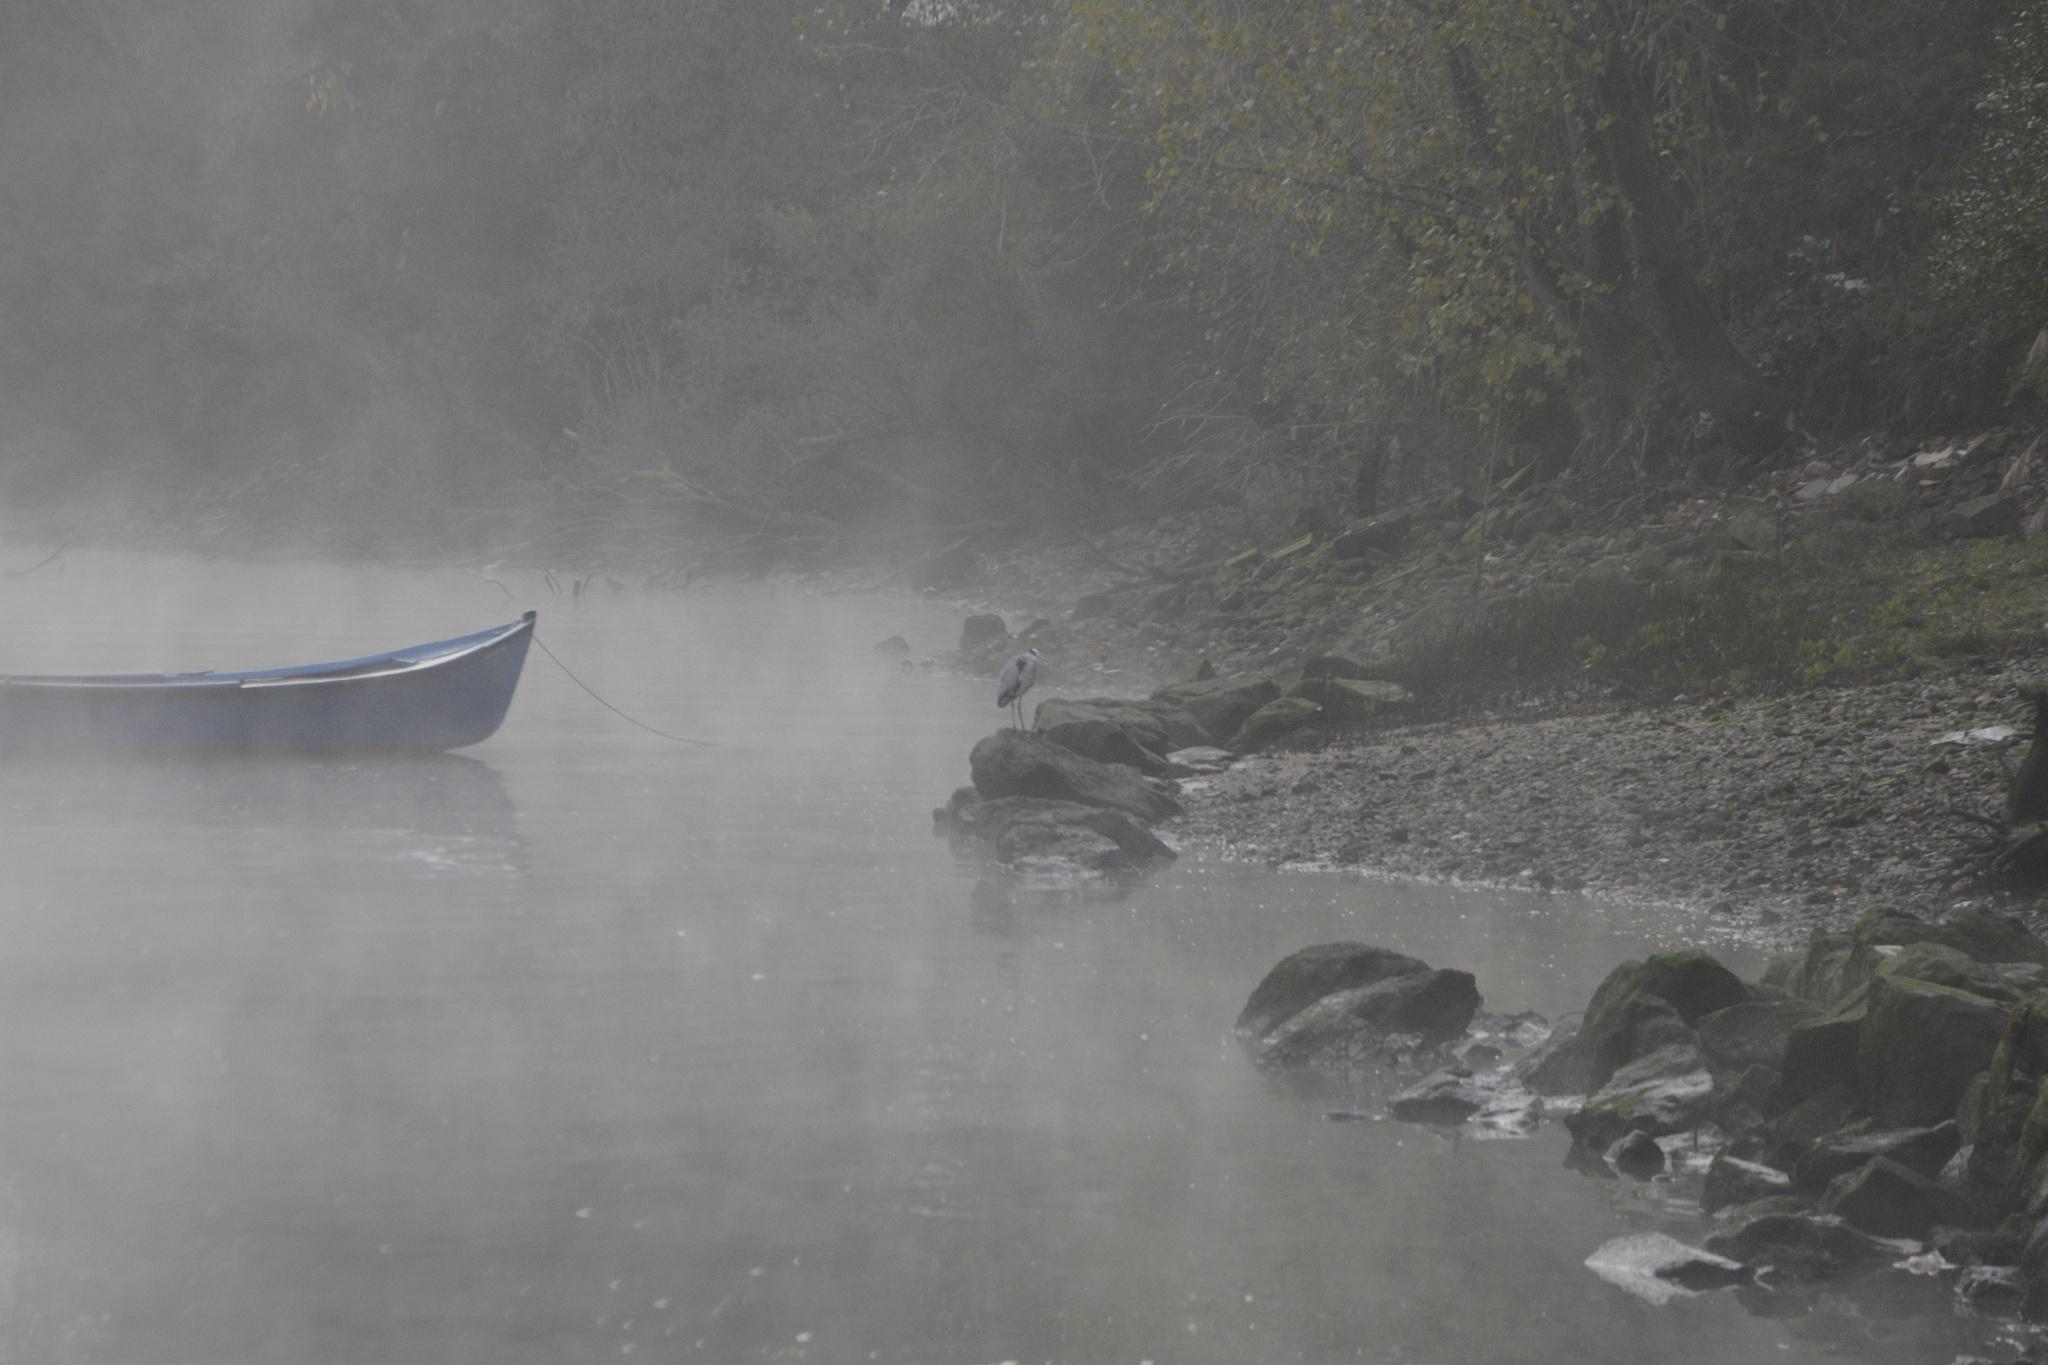 The mist and the heron by João Almeida